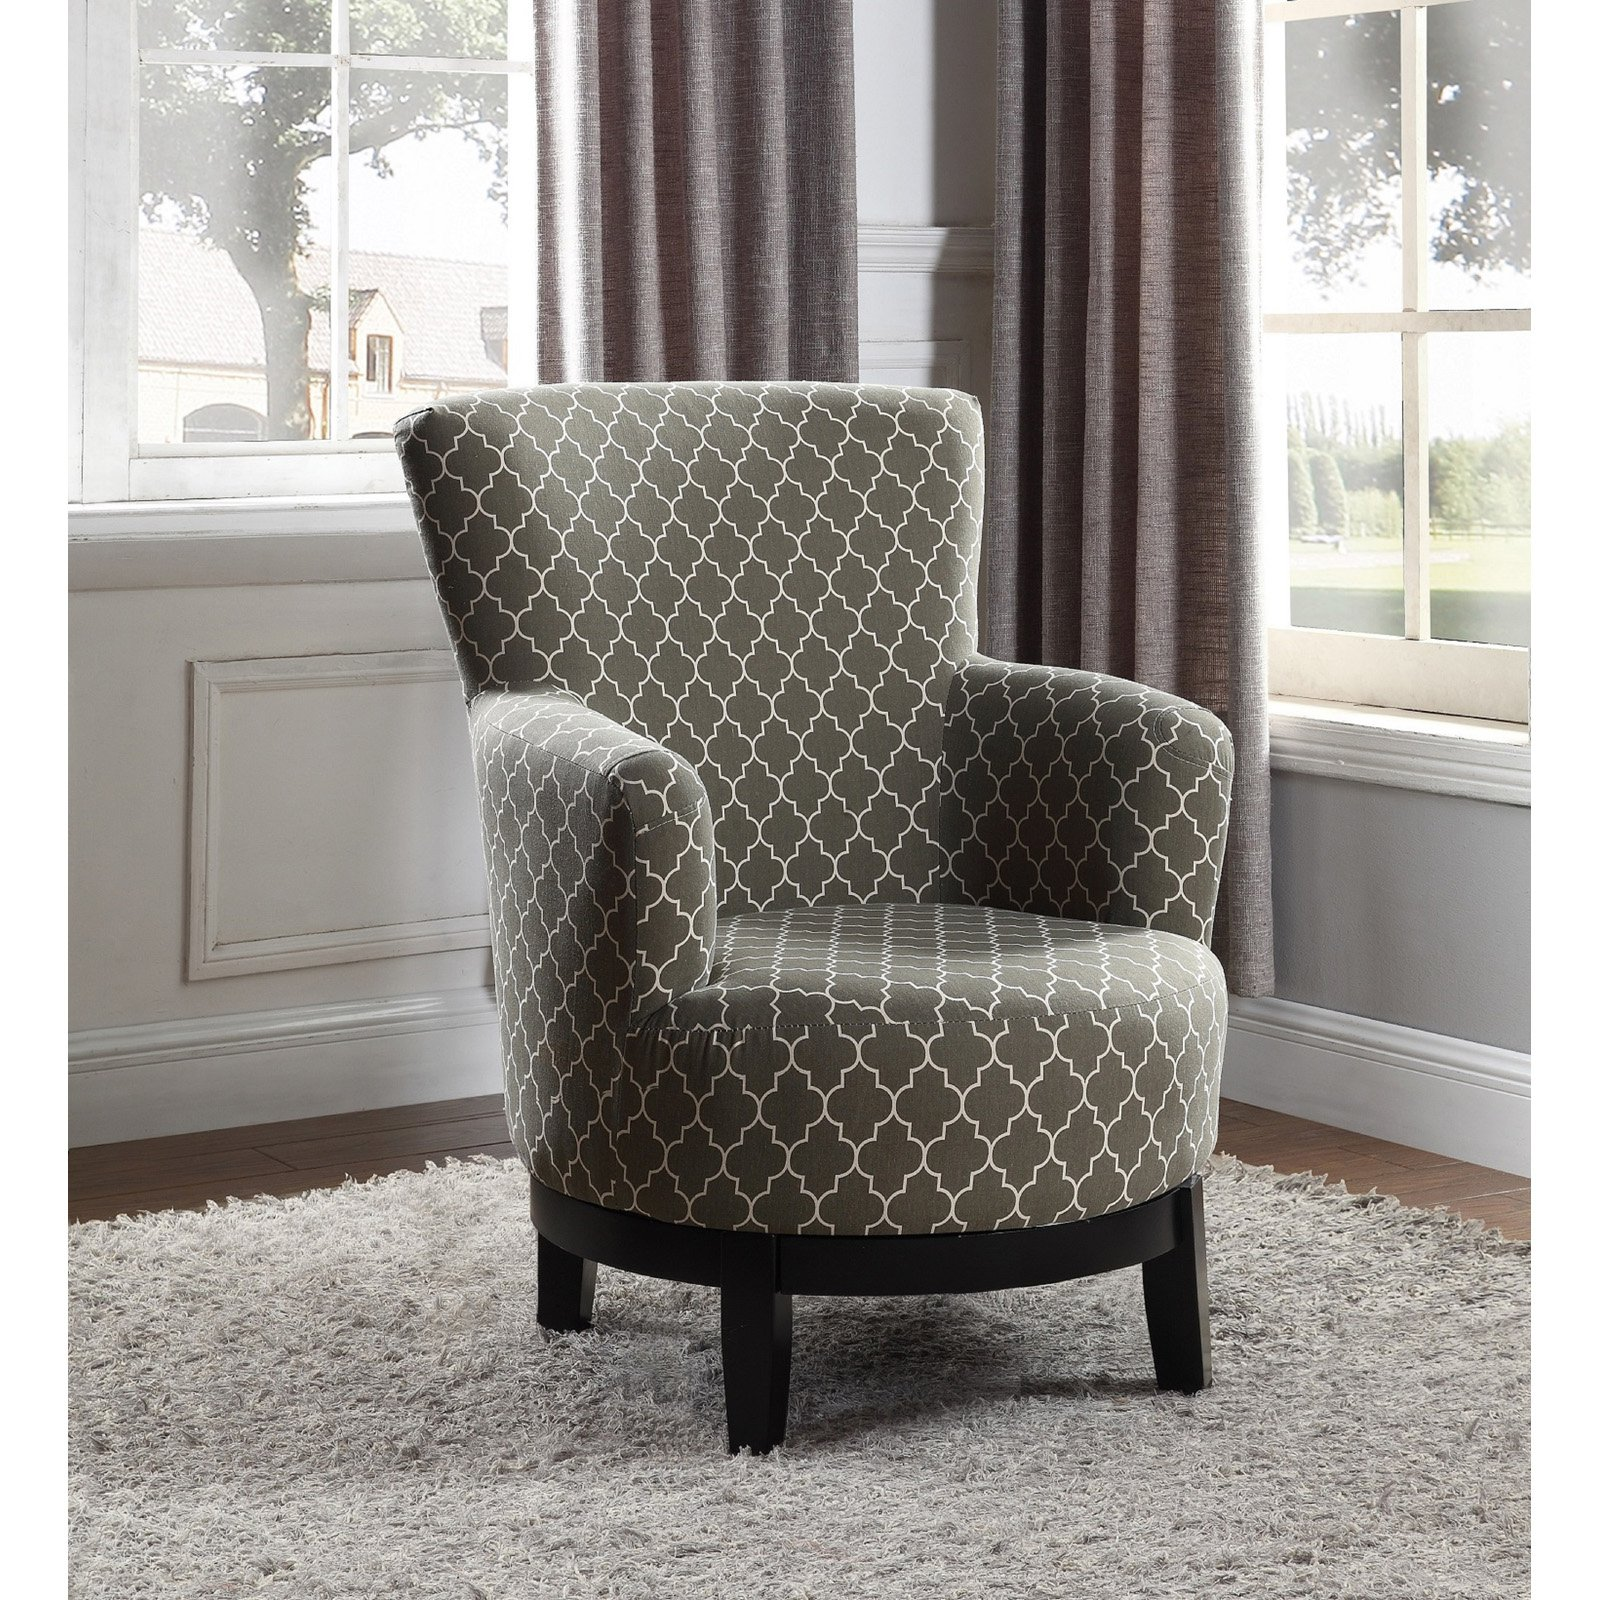 Accent Chair Idras: NH Designs Swivel Print Accent Chair